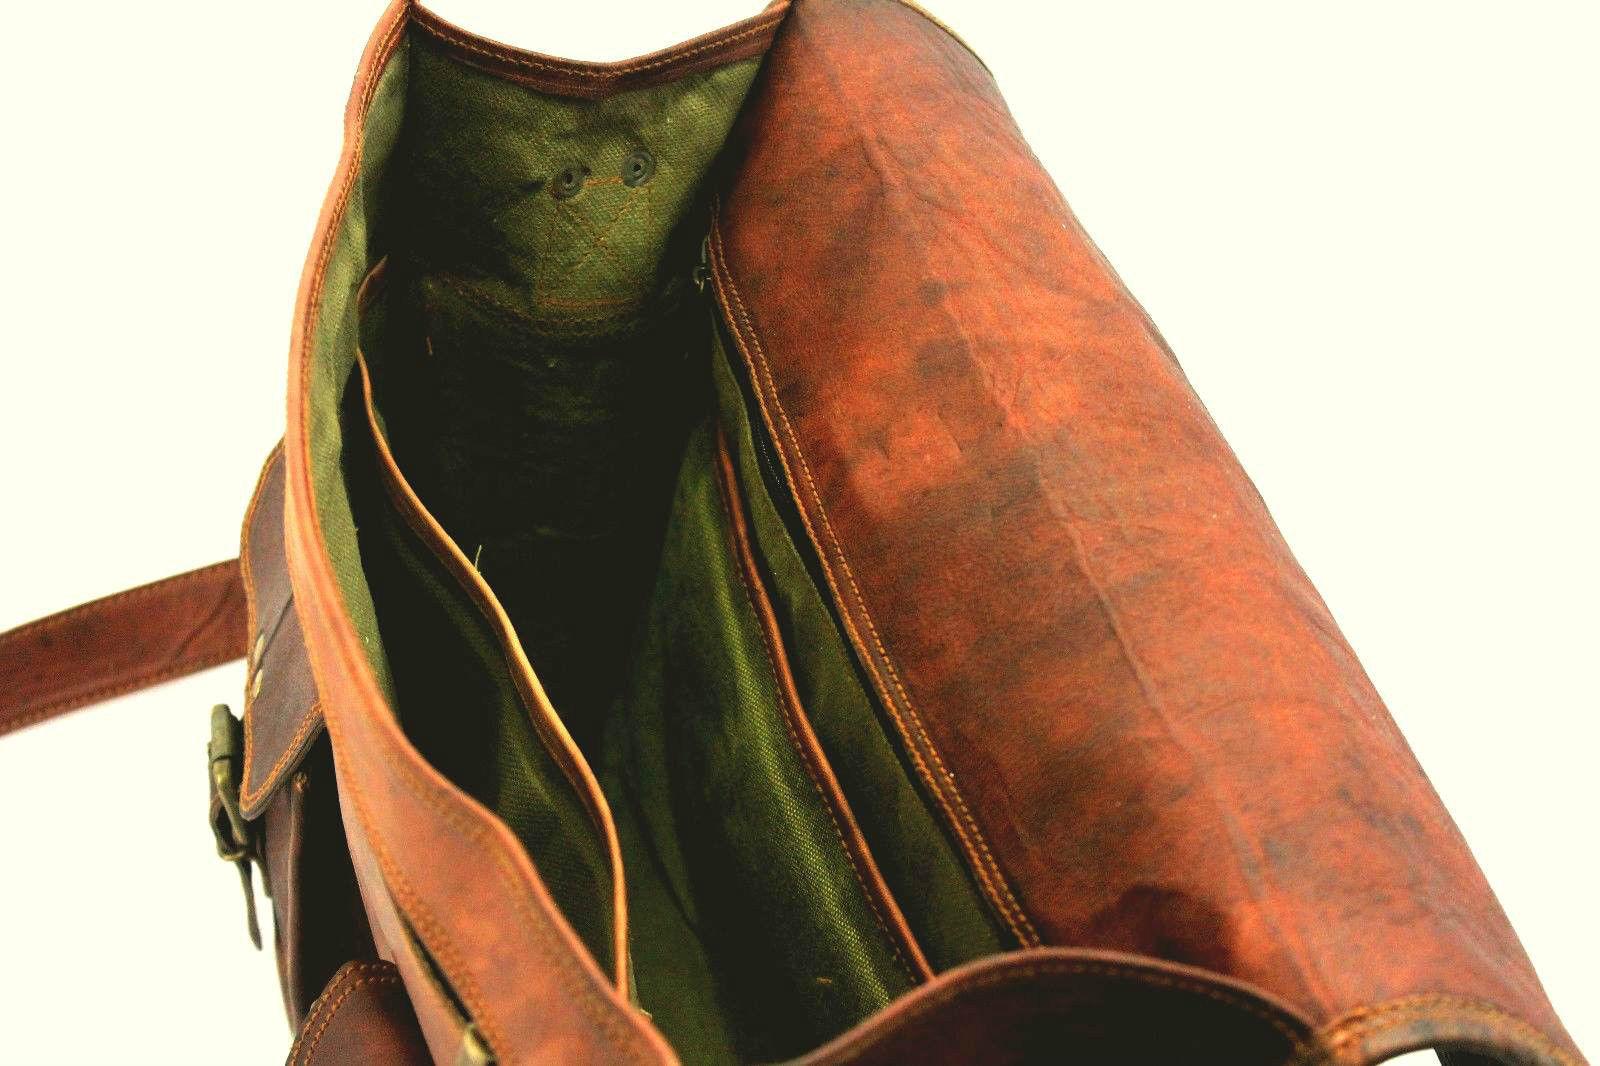 Neue Herren Leder Tasche Handtasche Schultertasche Umhängetasche Umhängetasche Umhängetasche Laptoptasche | Online einkaufen  454085